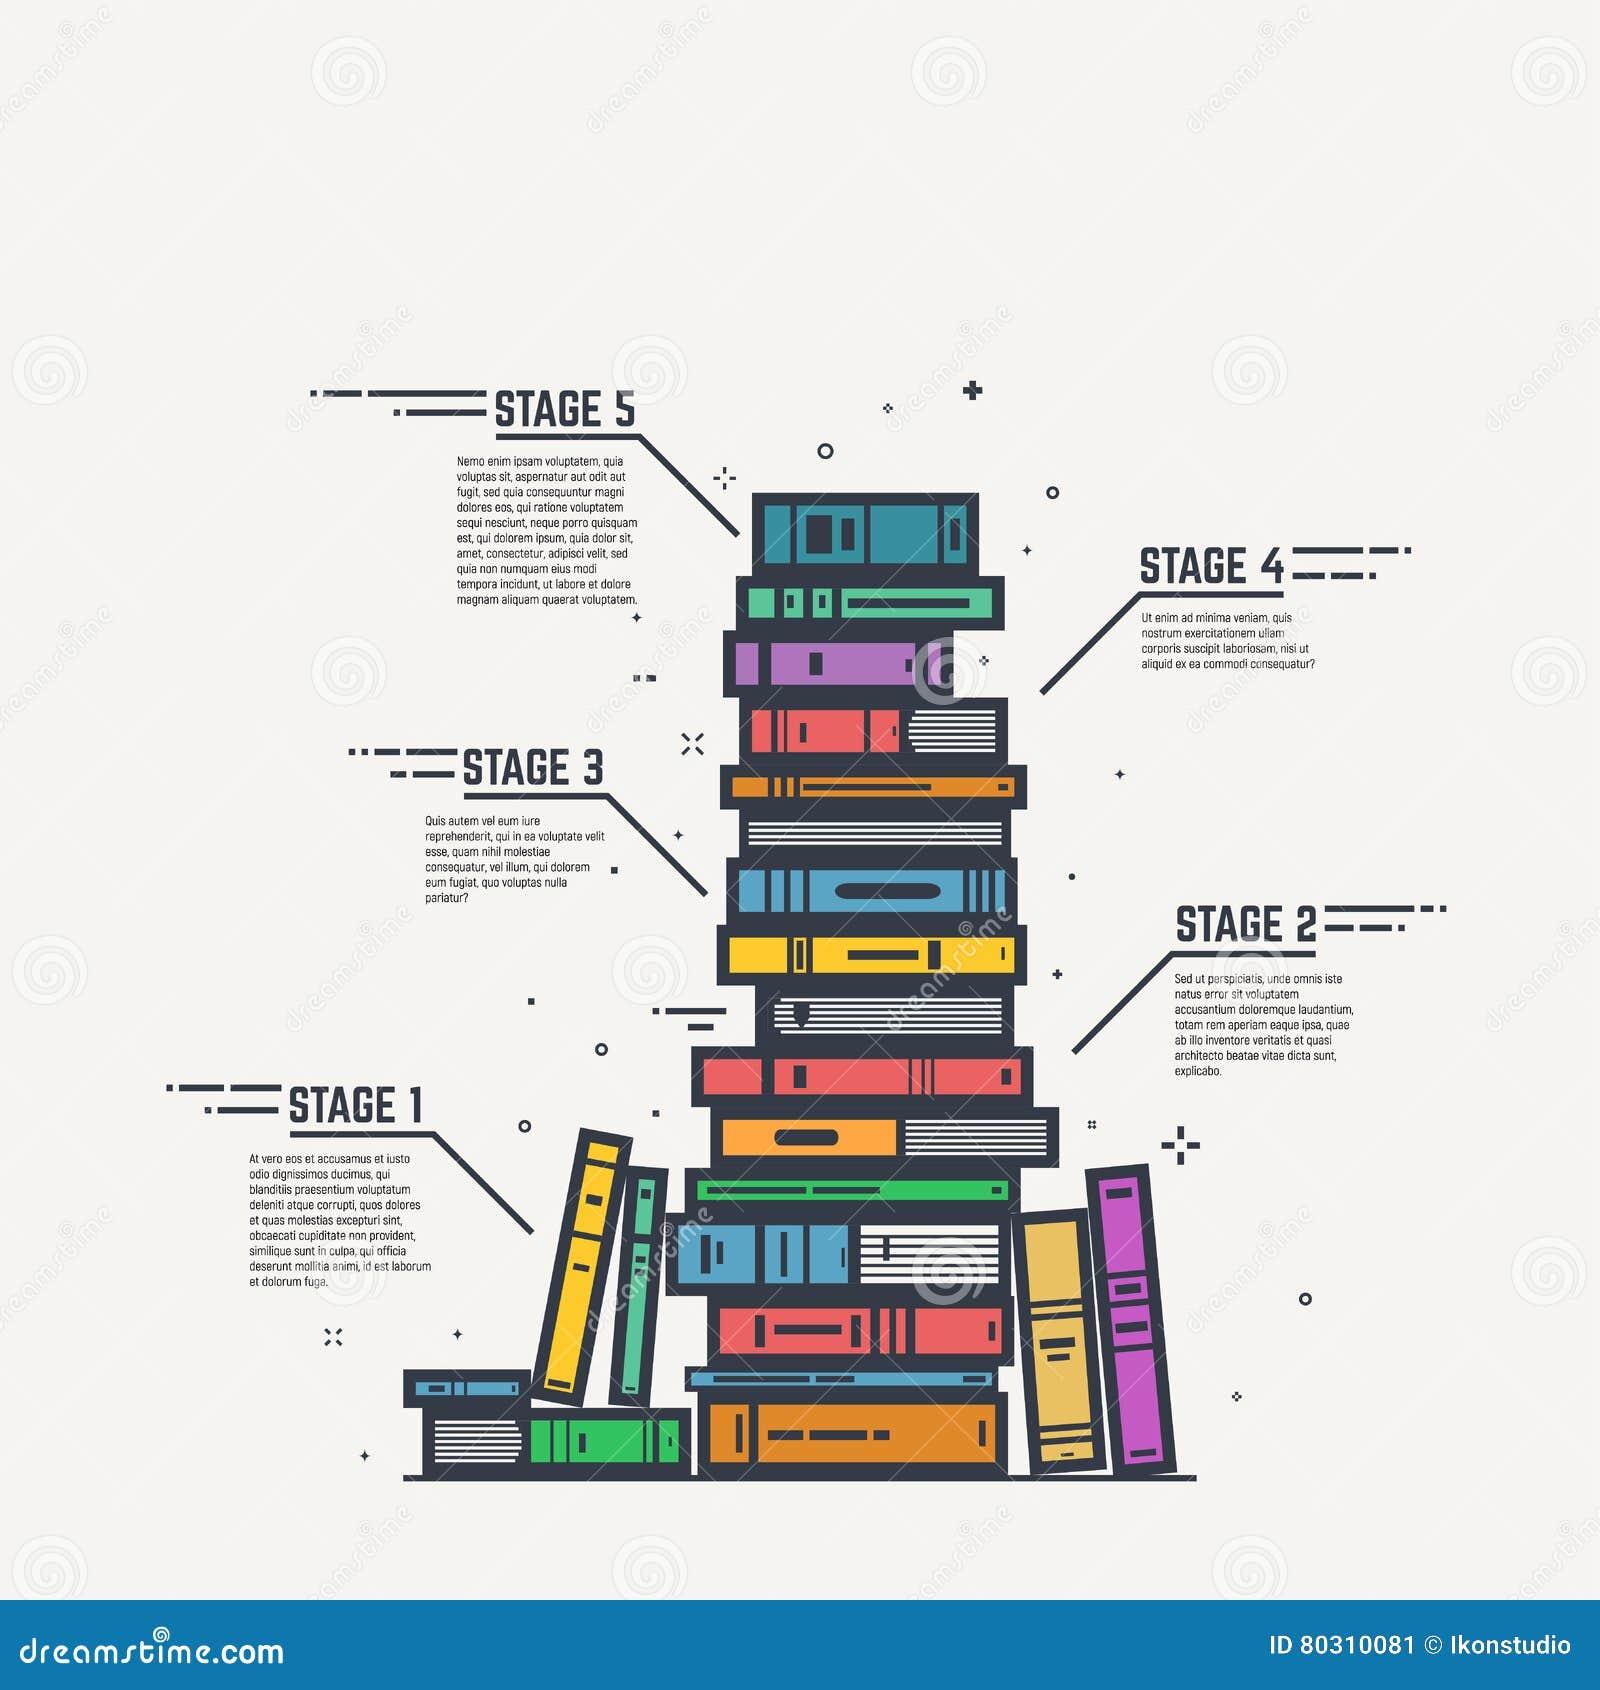 Encantador El Libro De Color Morado En Línea Bosquejo - Ideas Para ...